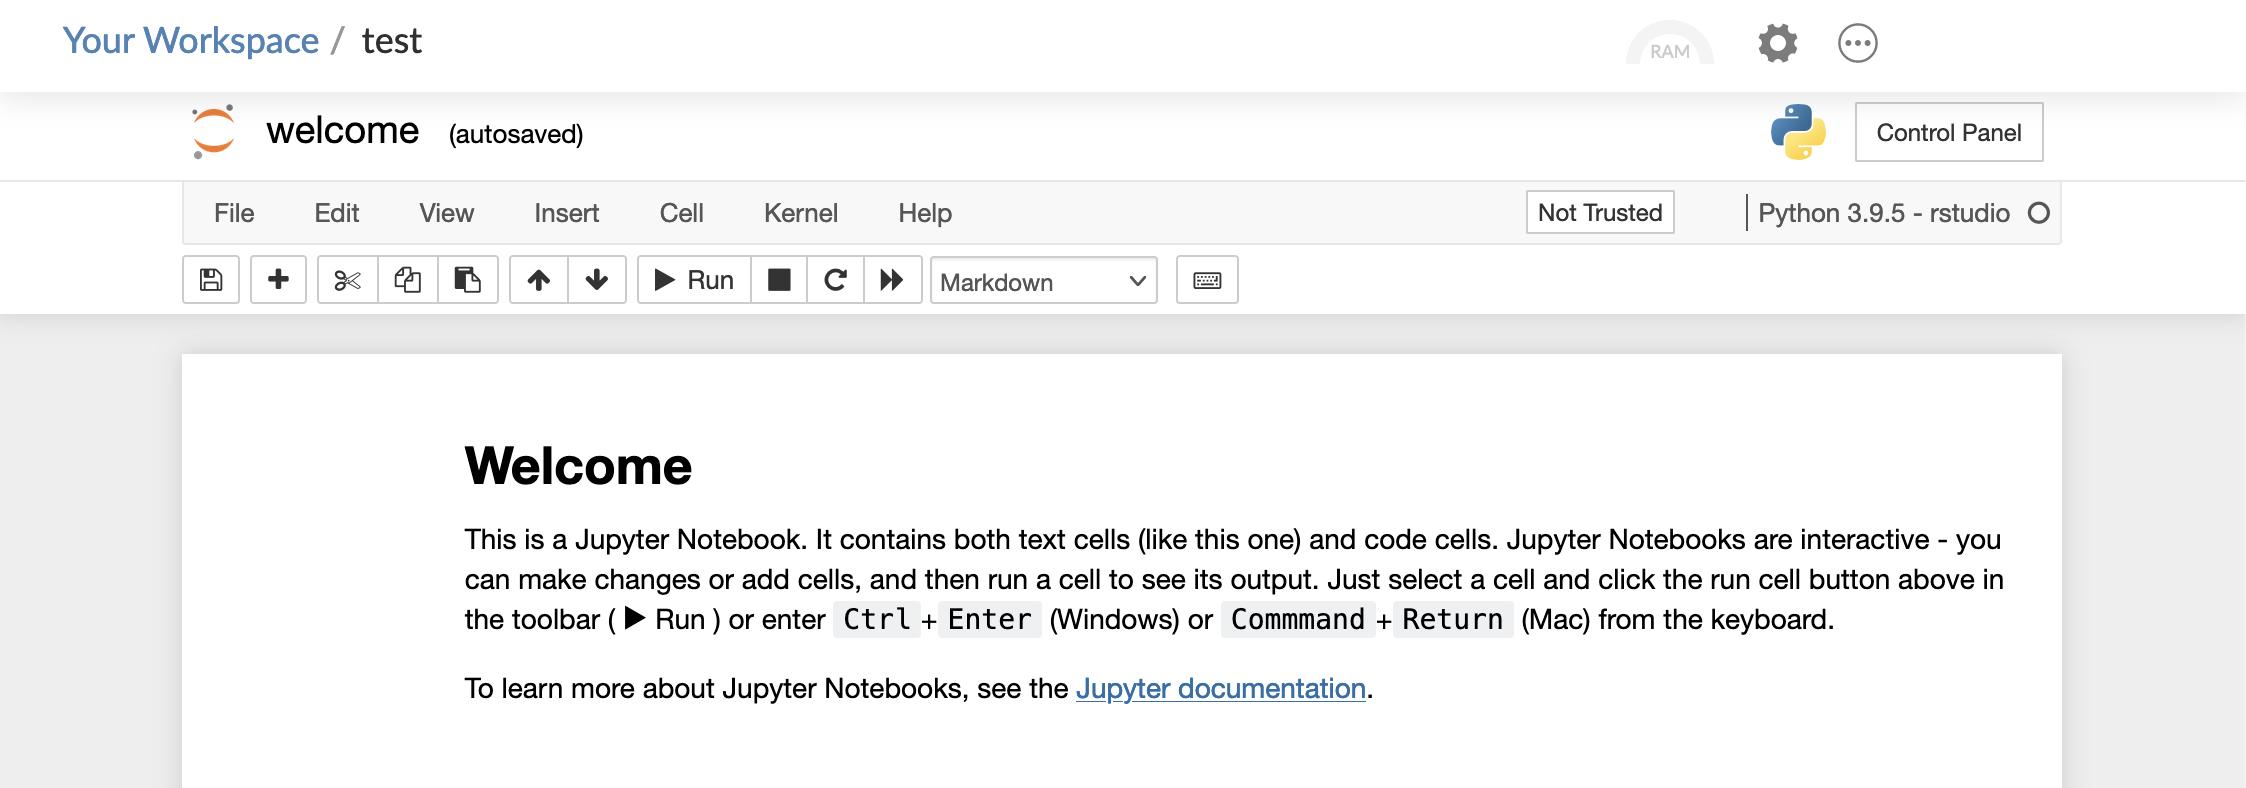 Screenshot of Jupyter notebook in RStudio cloud